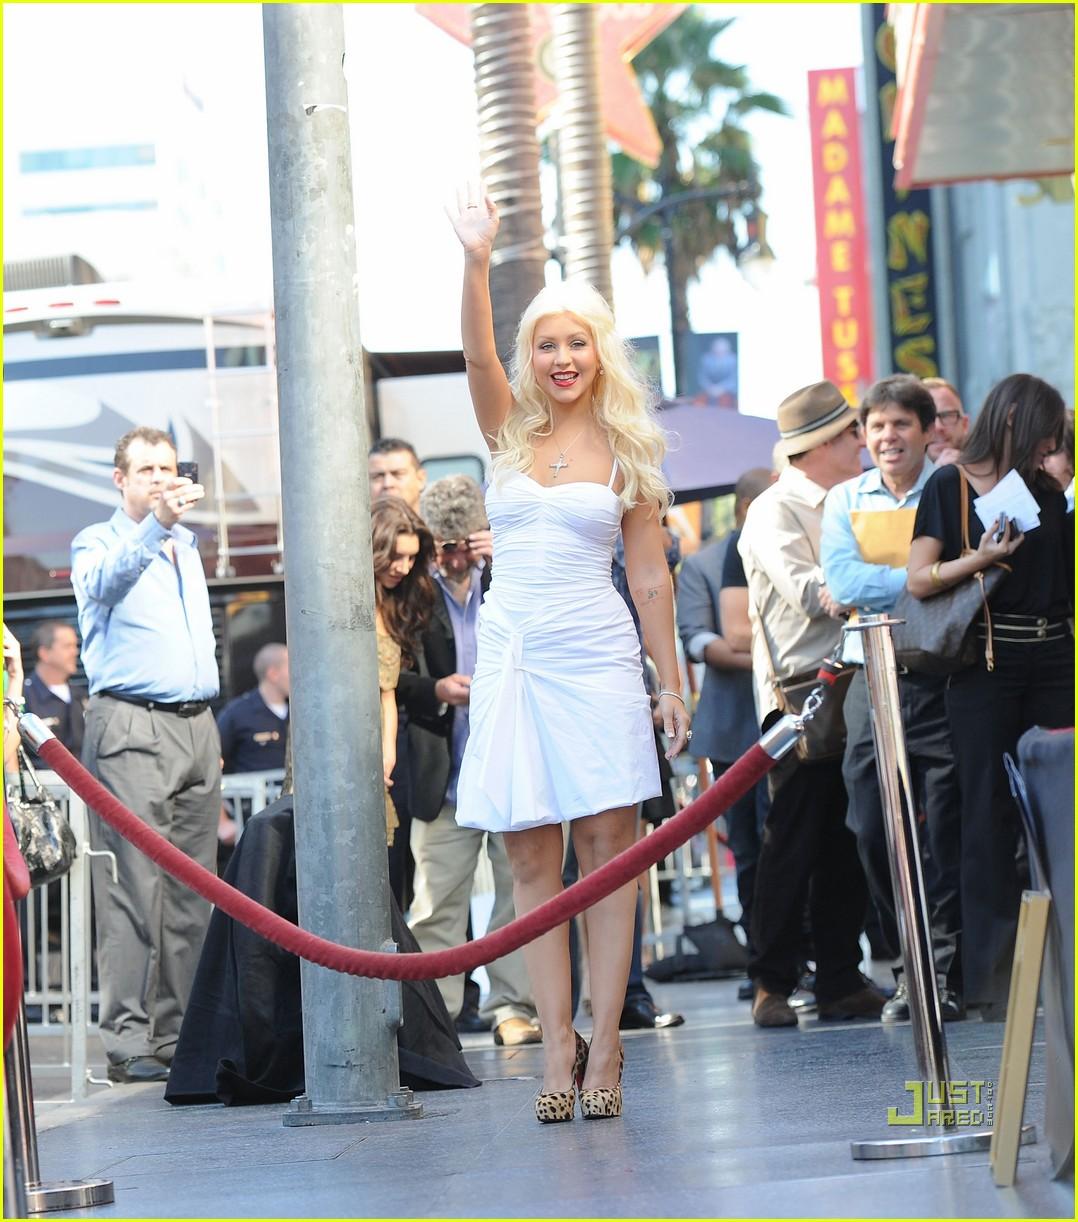 http://2.bp.blogspot.com/_eH2XqieIgMY/TOGpBWrxyII/AAAAAAAAC3c/3Oryr4-uHrs/s1600/christina-aguilera-walk-of-fame-star-10.jpg